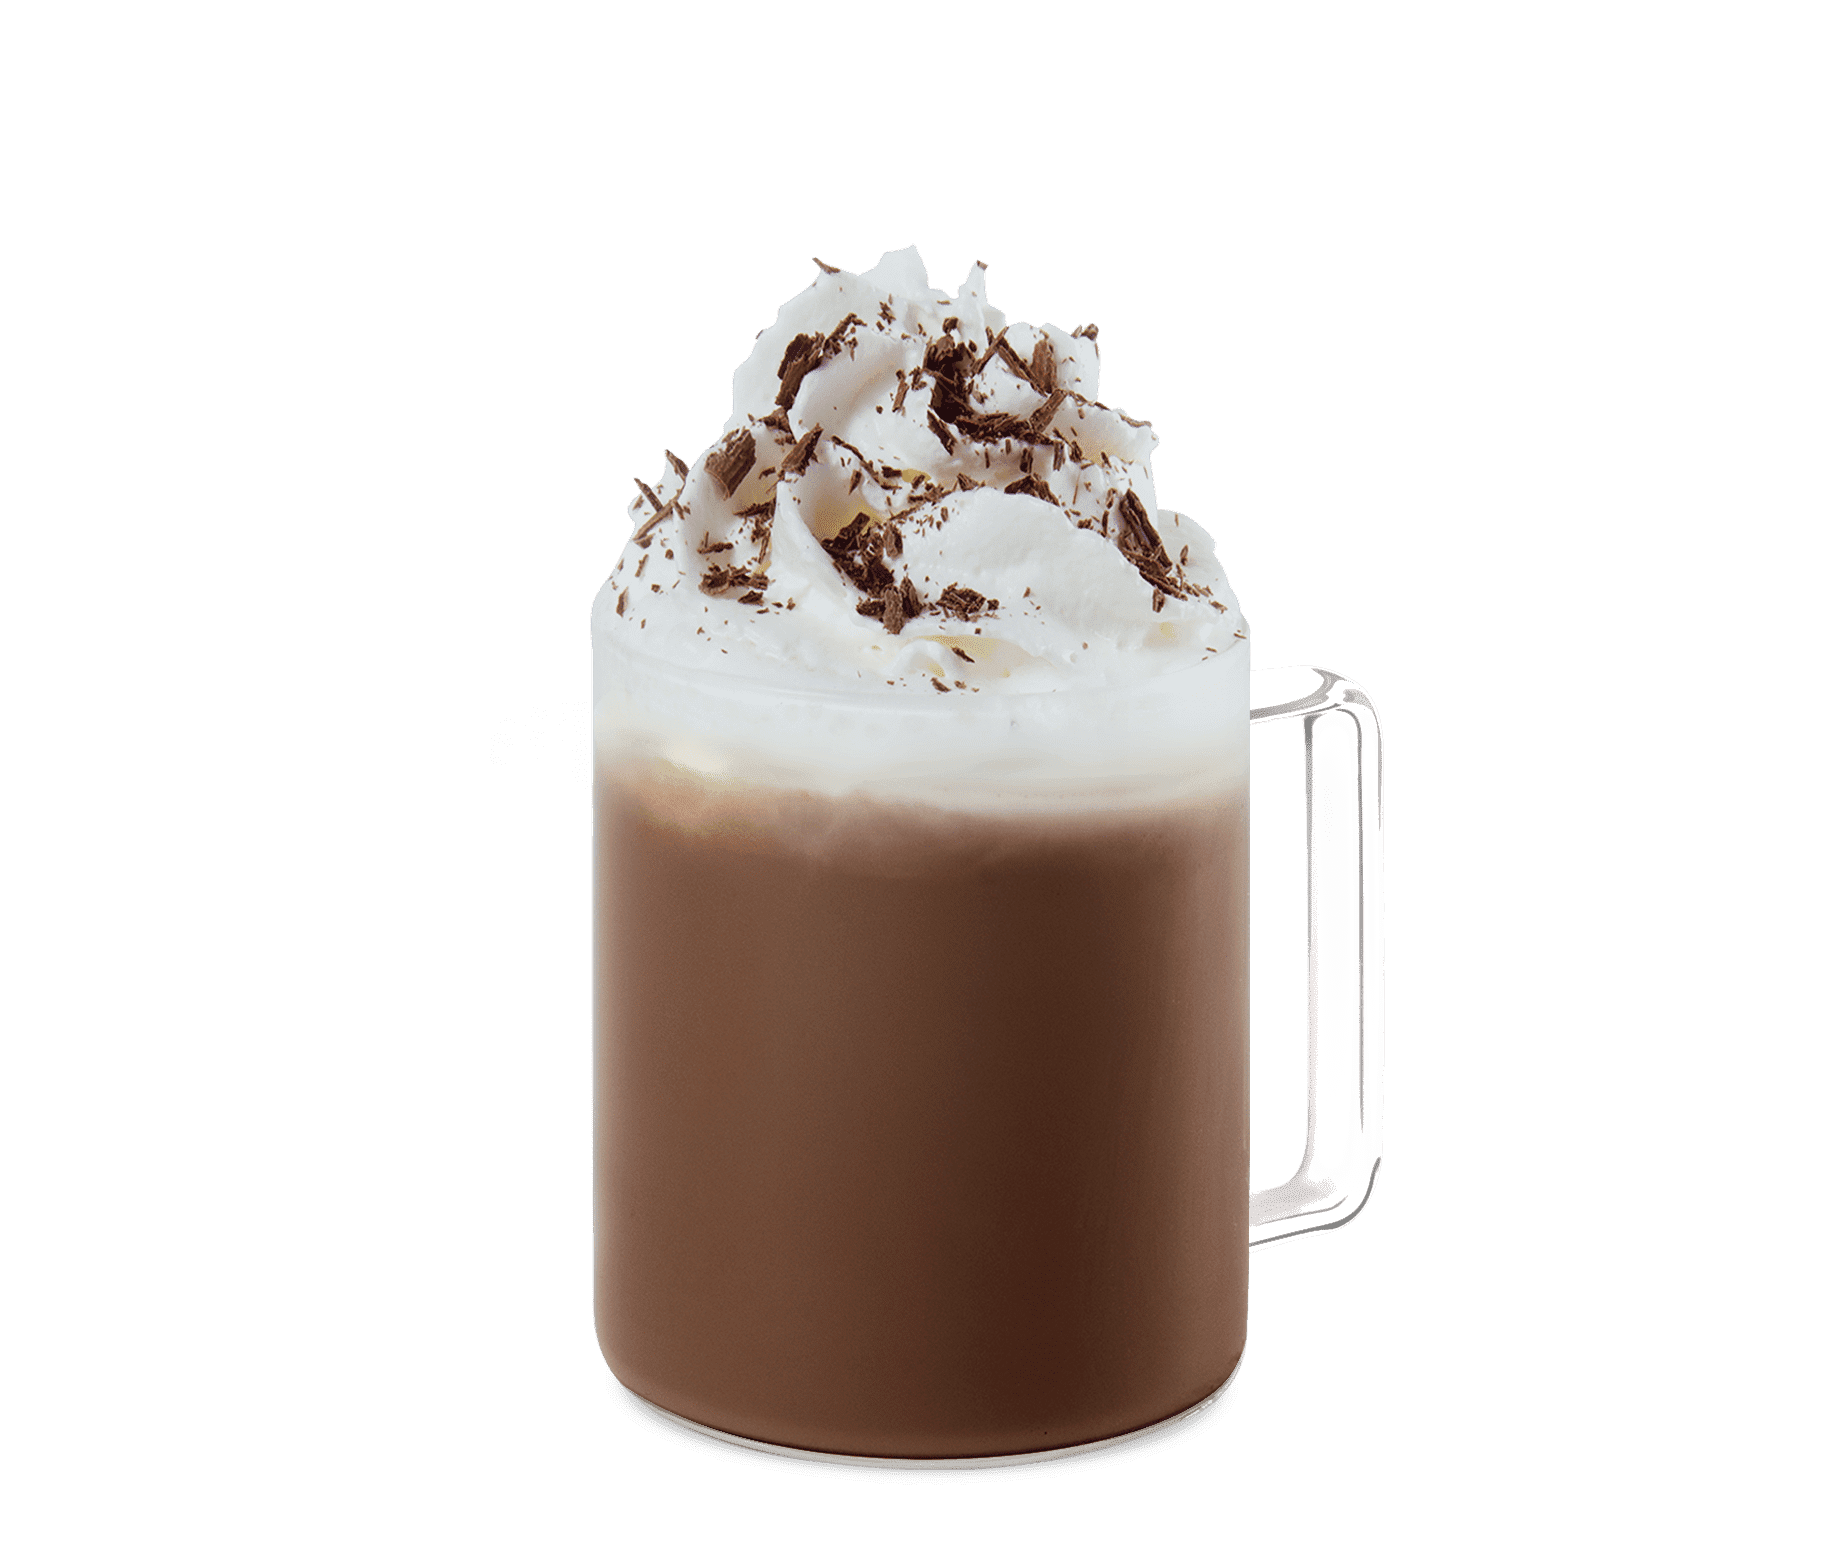 Tazza di Caffè Mocha Starbucks